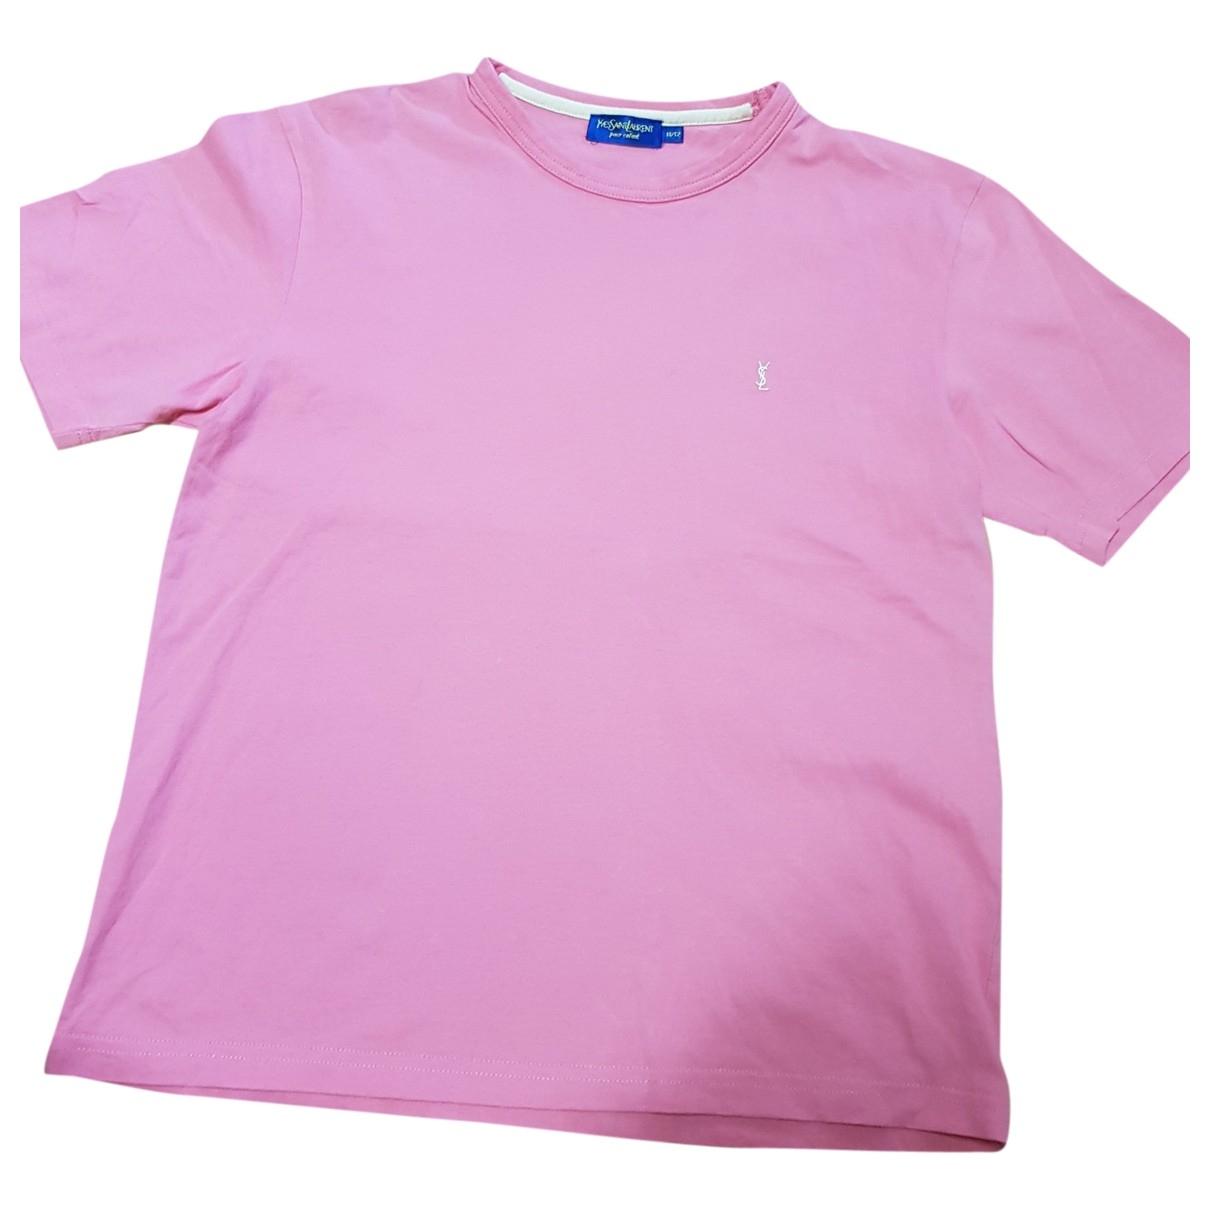 Yves Saint Laurent - Top   pour enfant en coton - rose